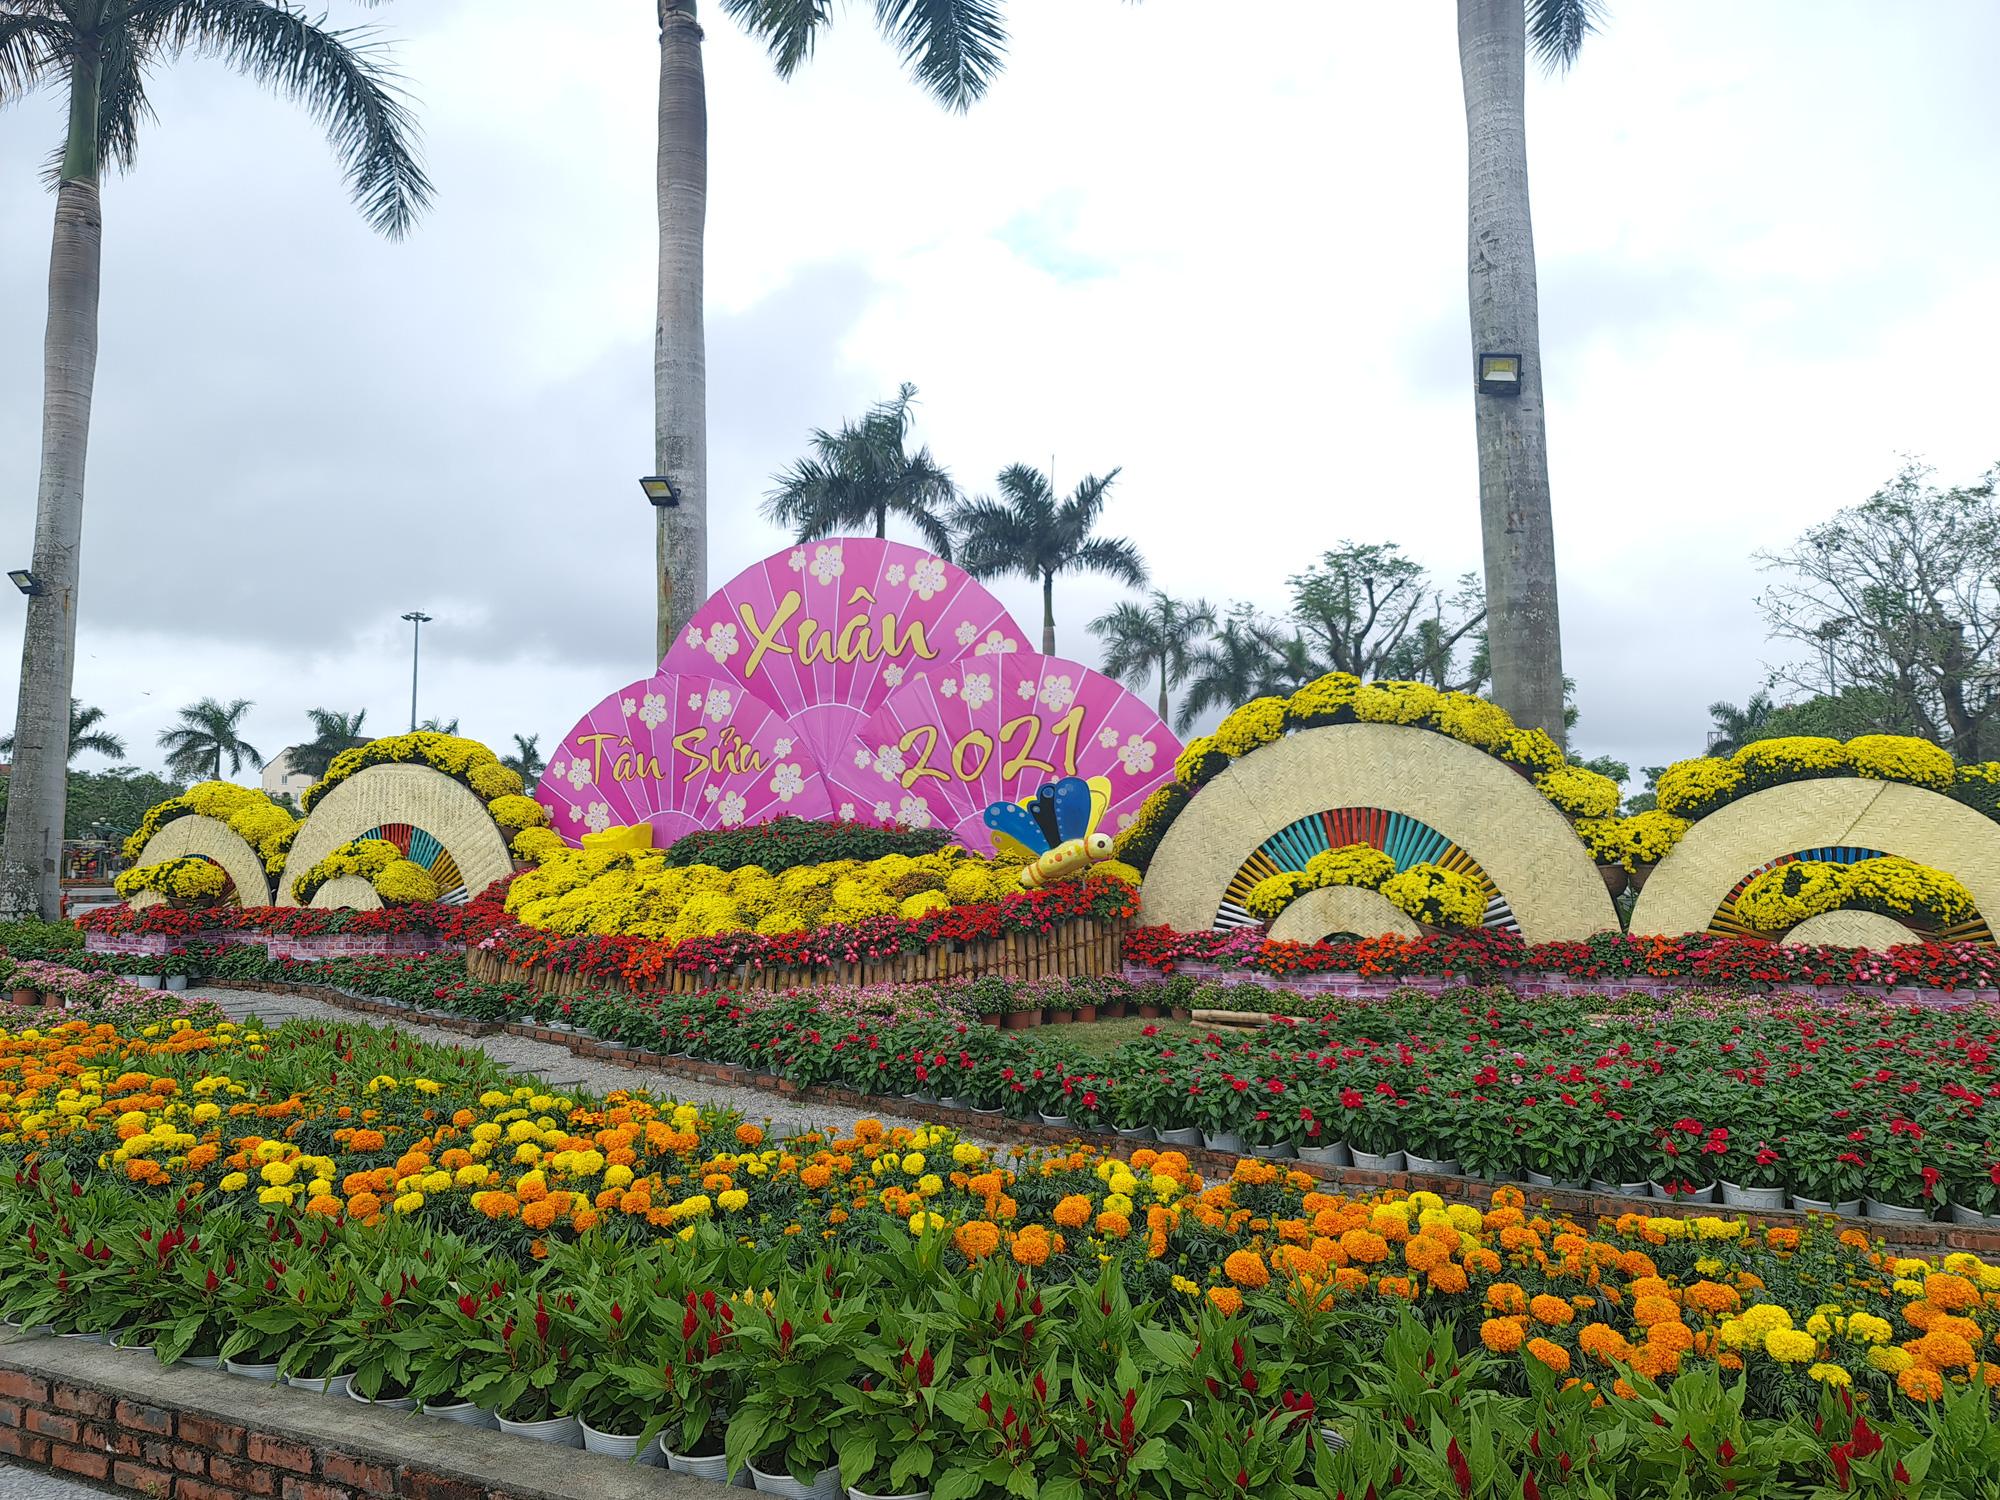 Quảng trường lớn nhất tỉnh Quảng Nam được trang trí bằng đồ nhà nông và hàng chục loại hoa sắc sảo - Ảnh 2.